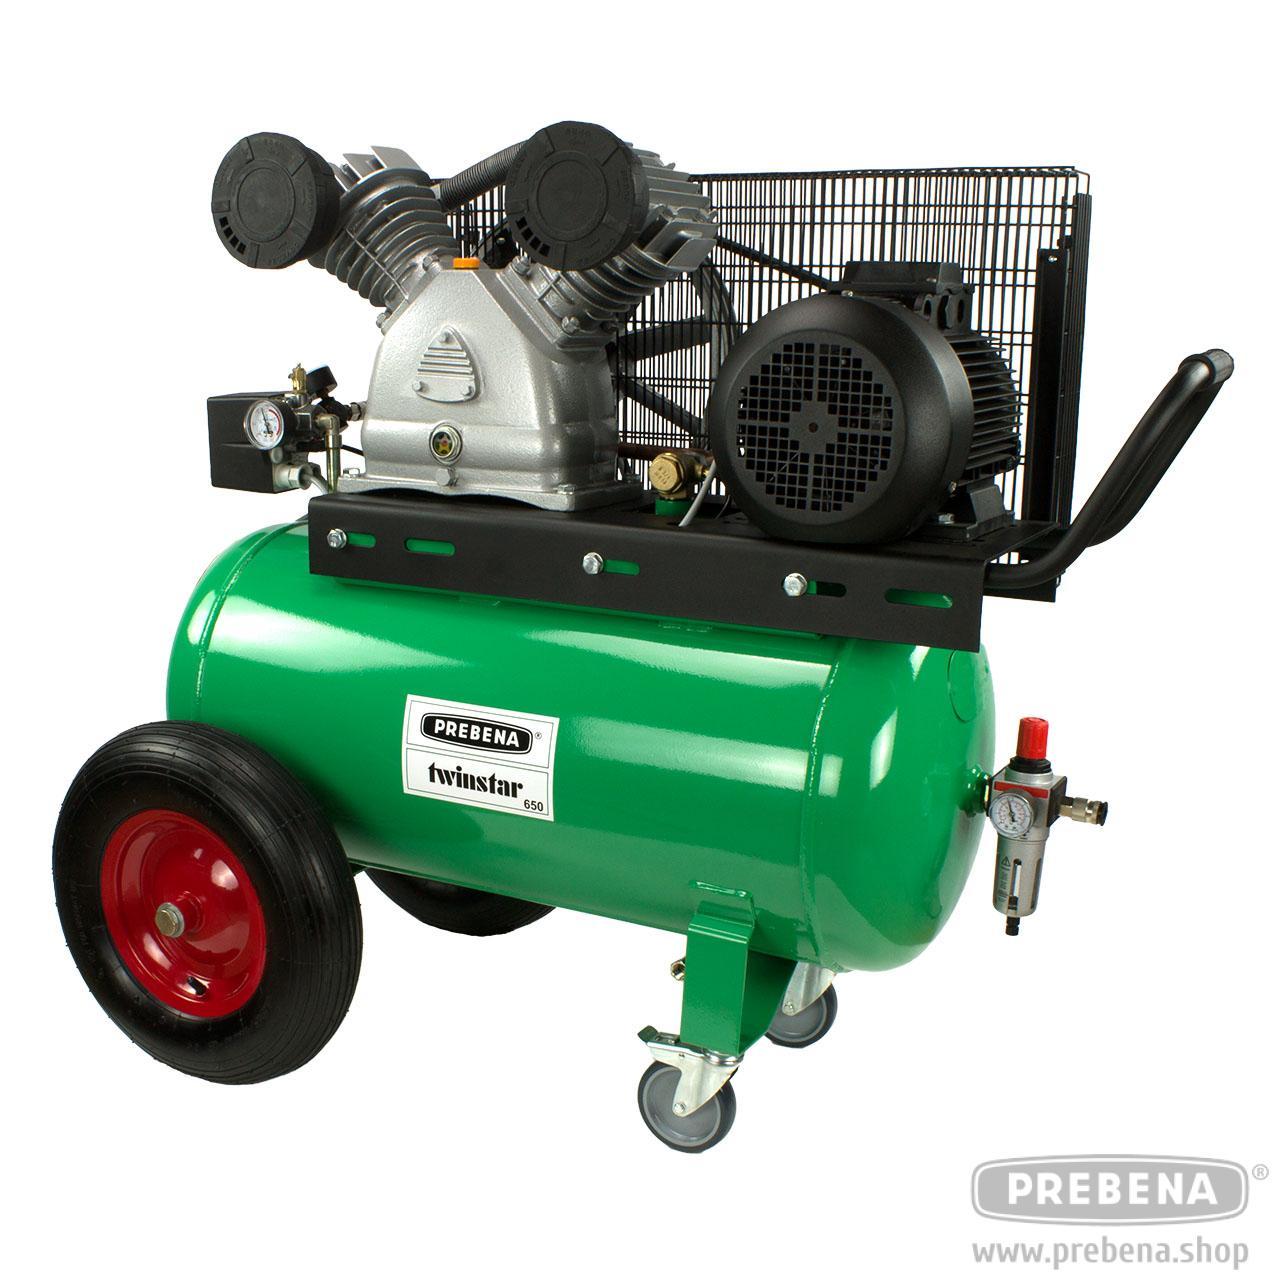 Twinstar 650 Compressor Mobile Compressors Homen Pressure Gauge Kompressor Homenhobby Prebena The Official Online Shop